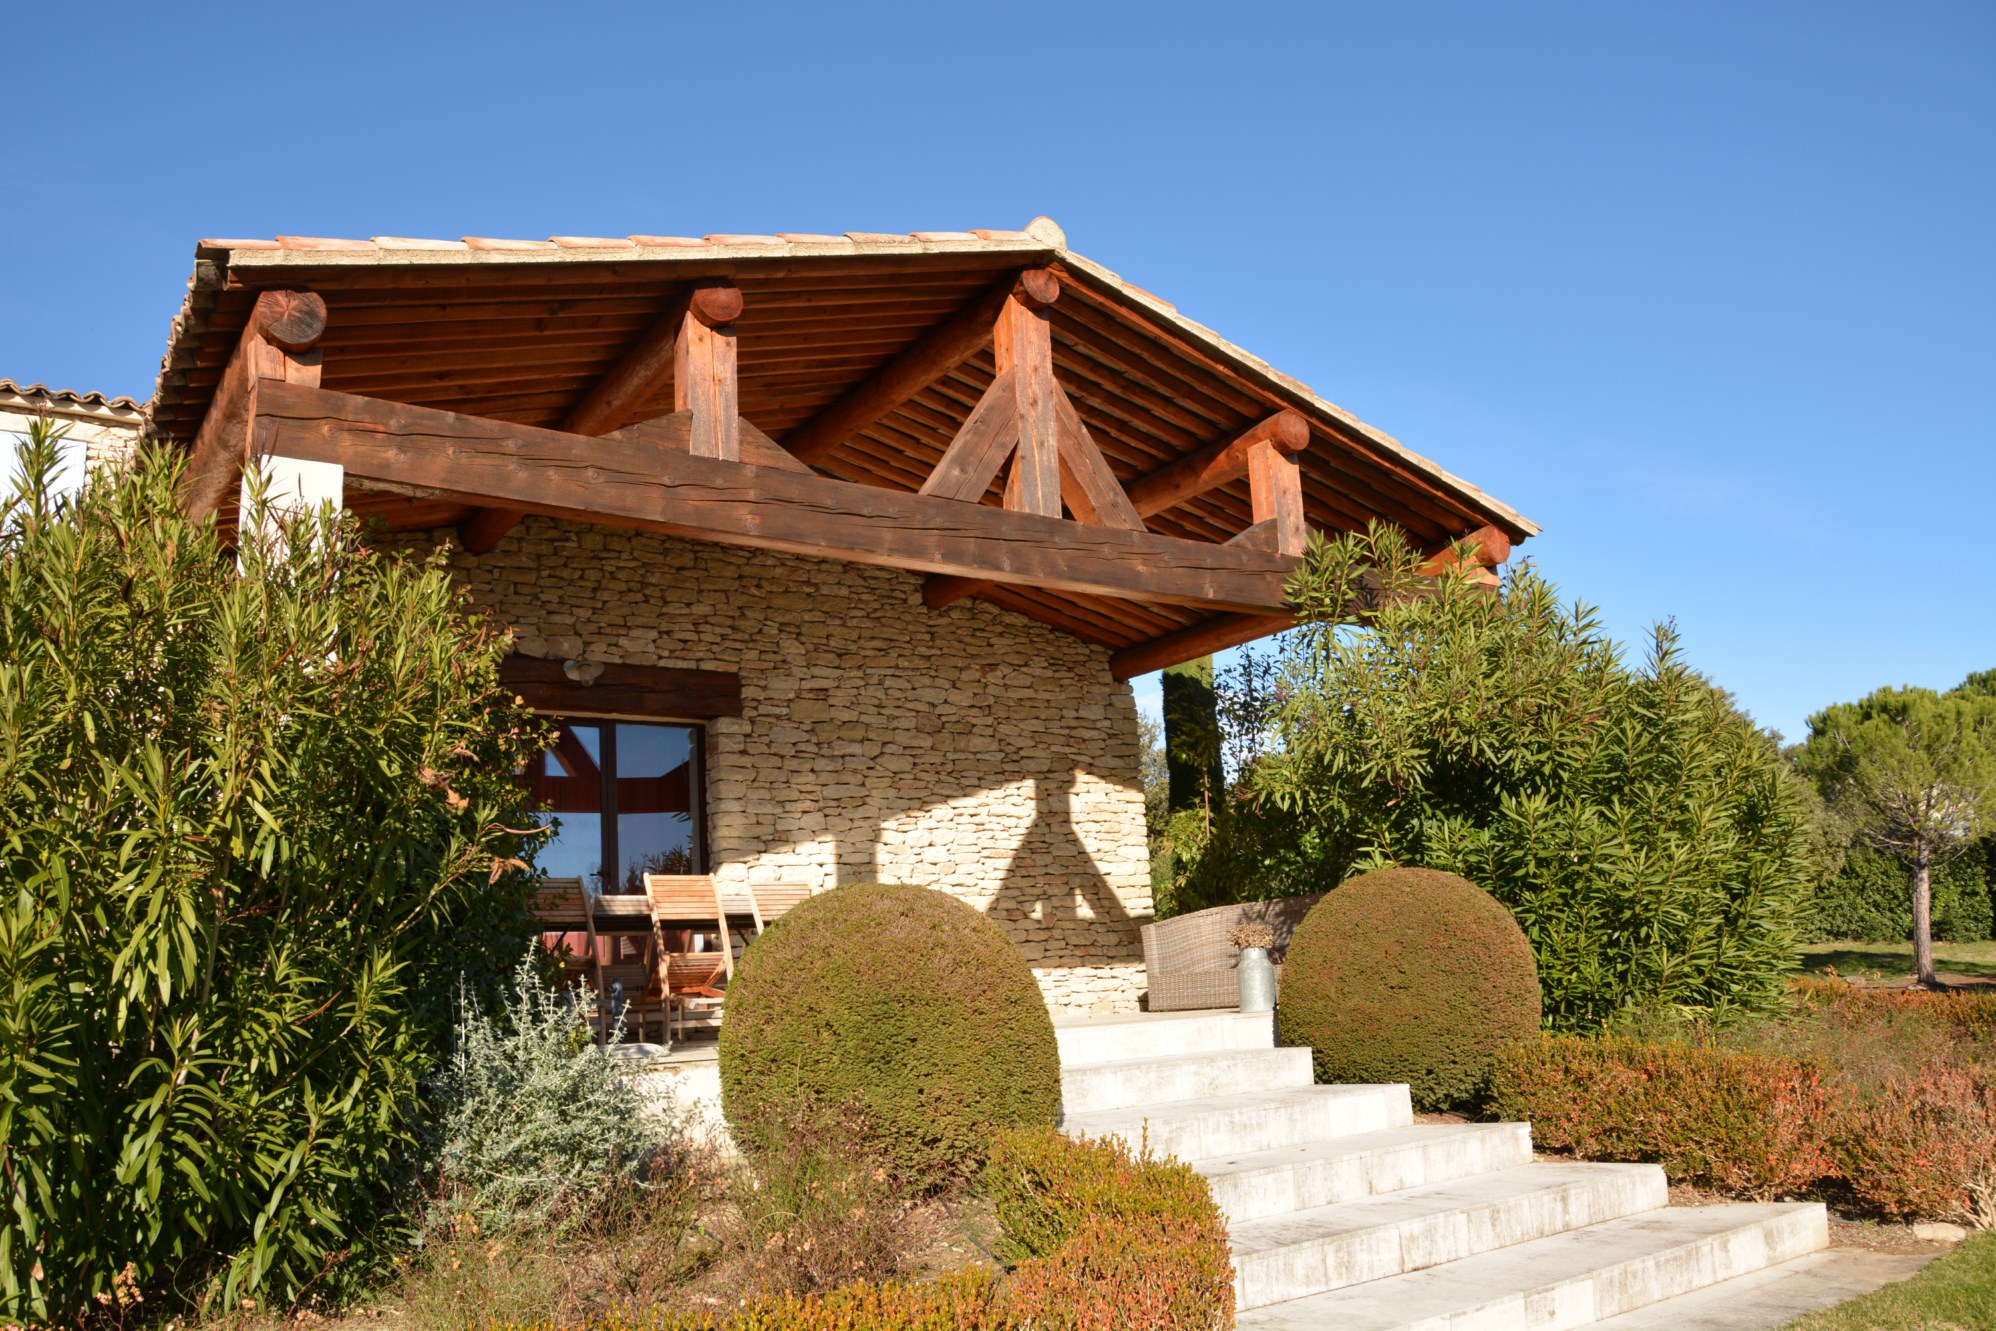 Maison récente à vendre en Provence